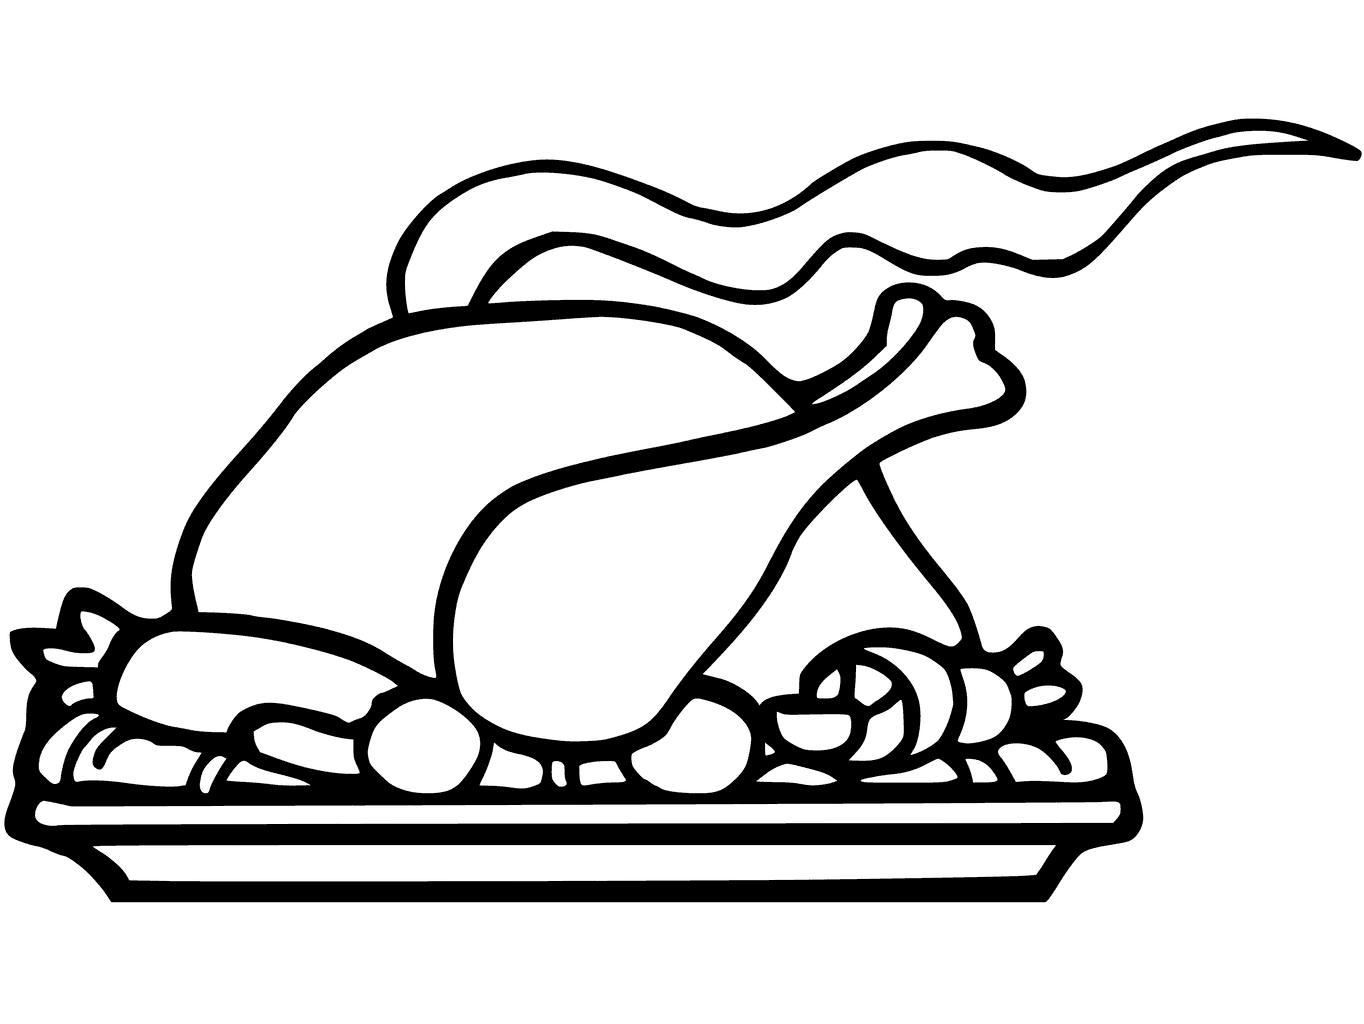 Turkey Dinner Drawing At Getdrawings